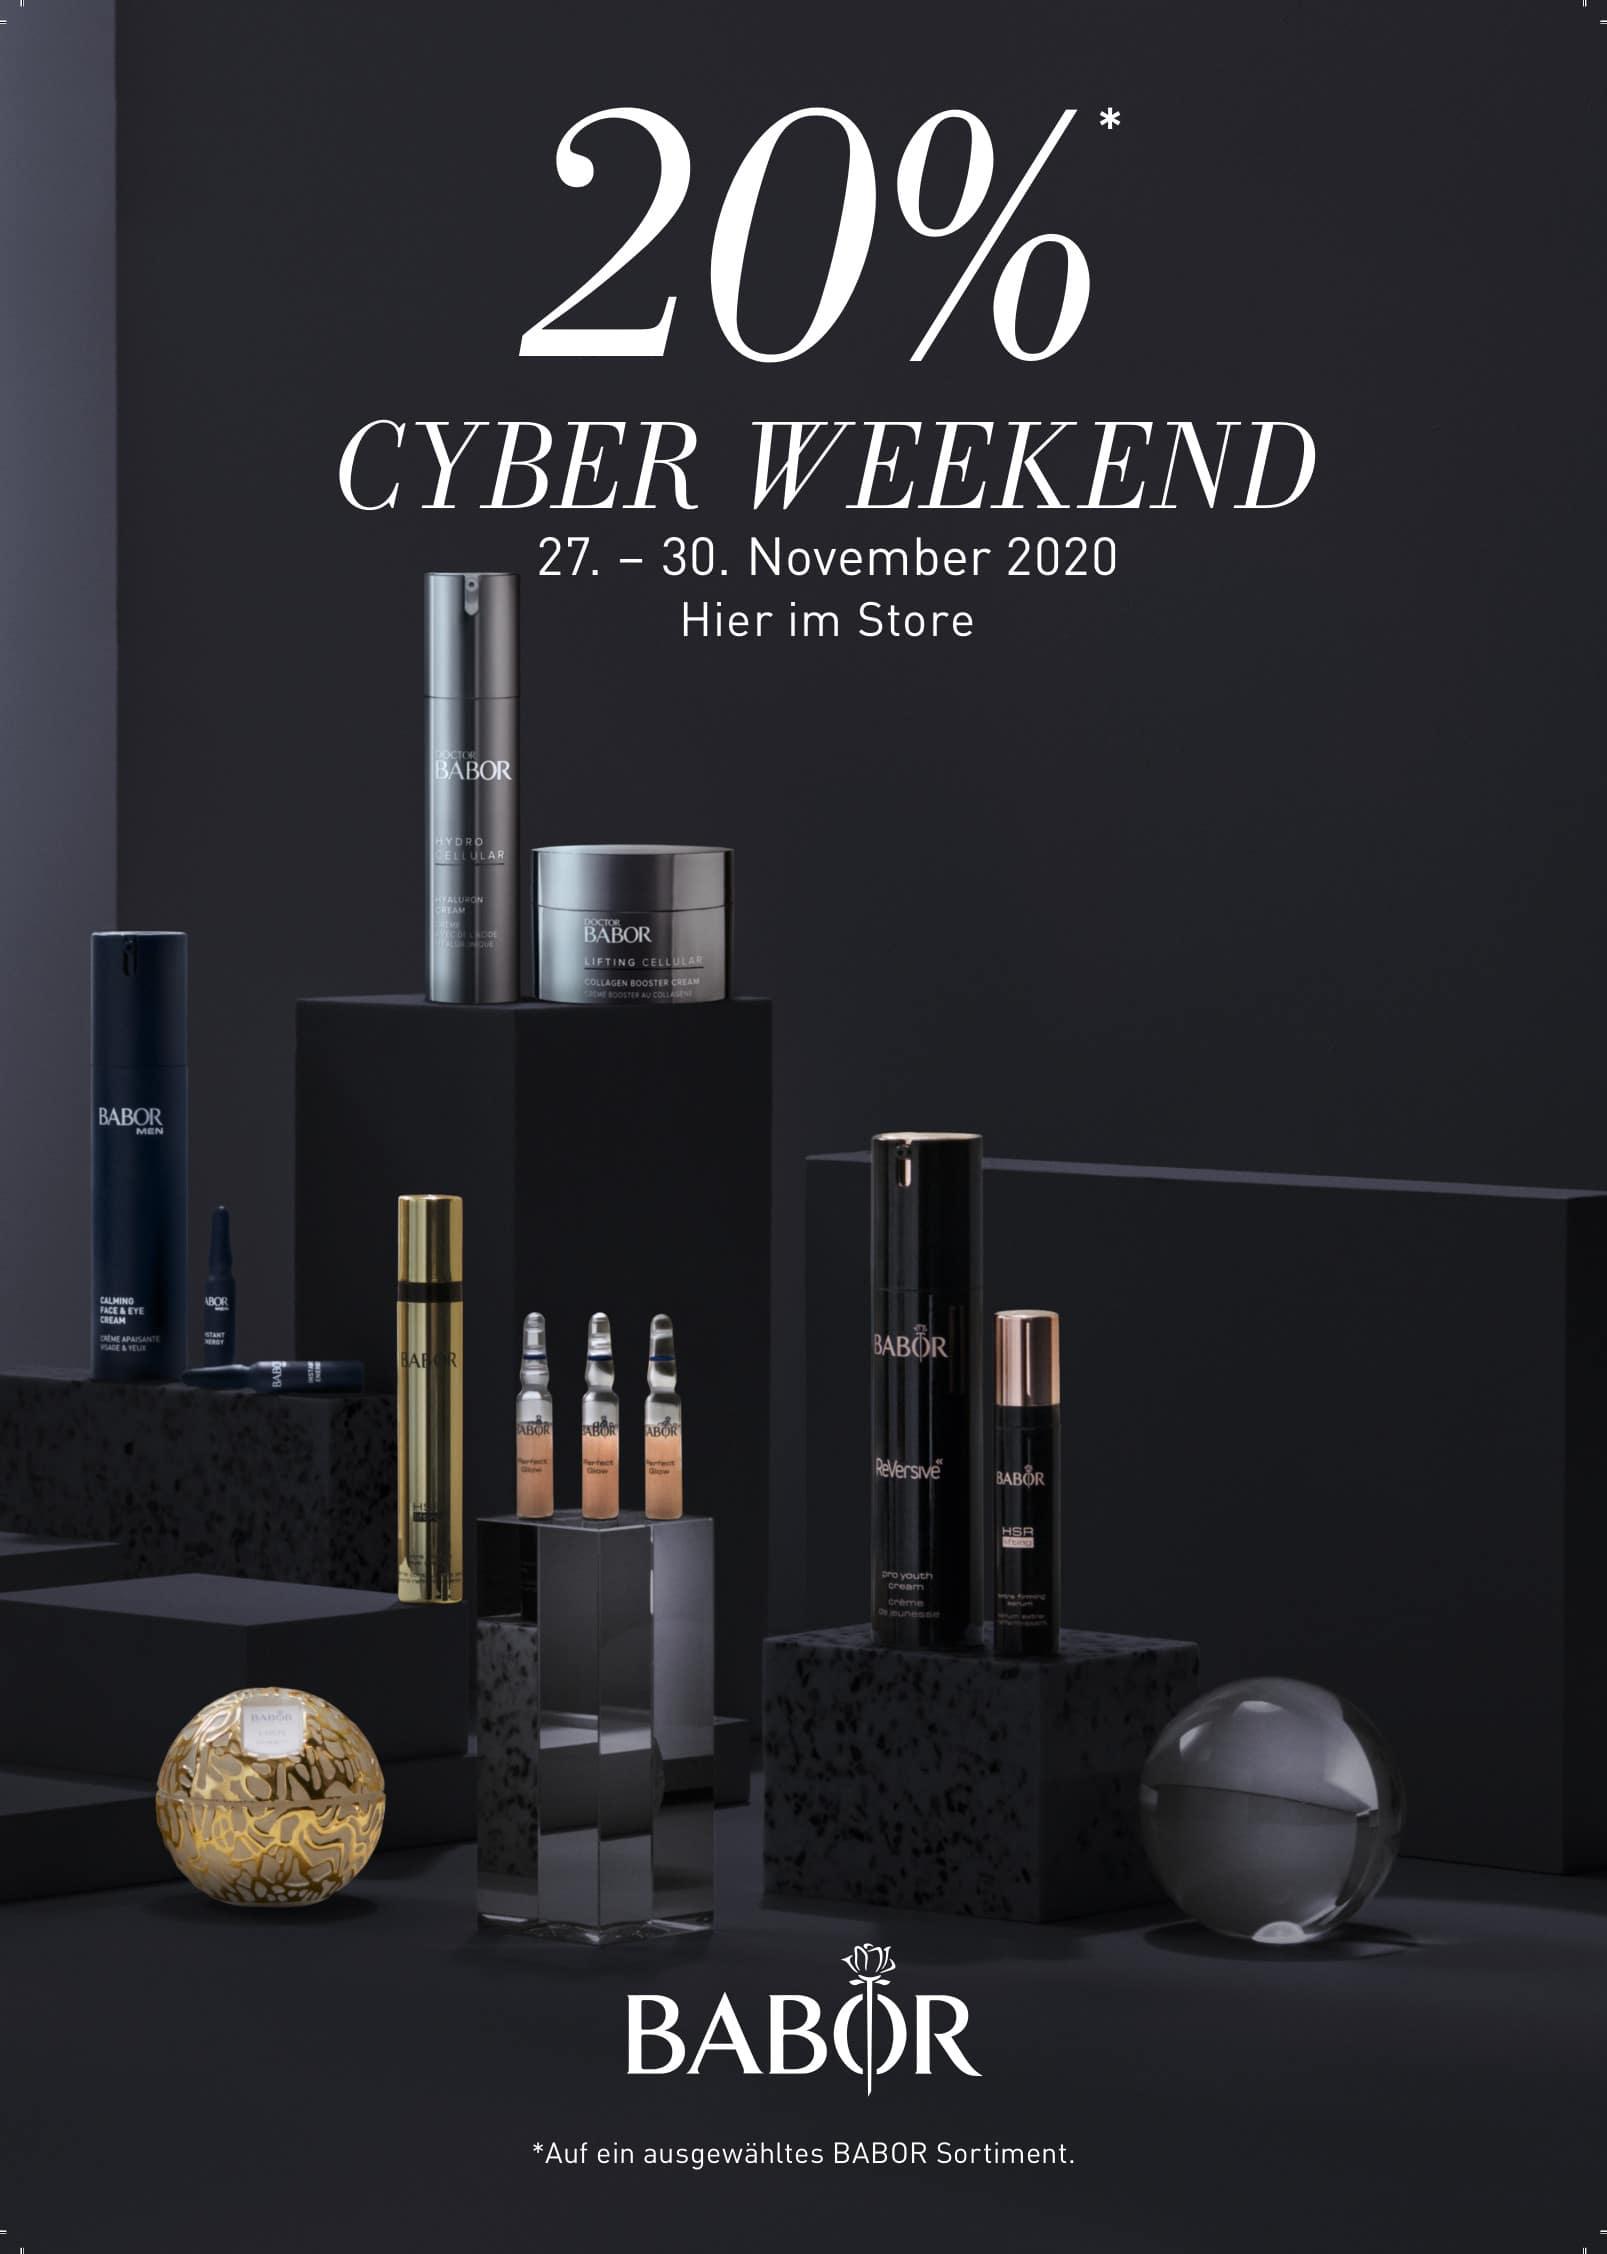 BABOR Cyber Weekend 2020